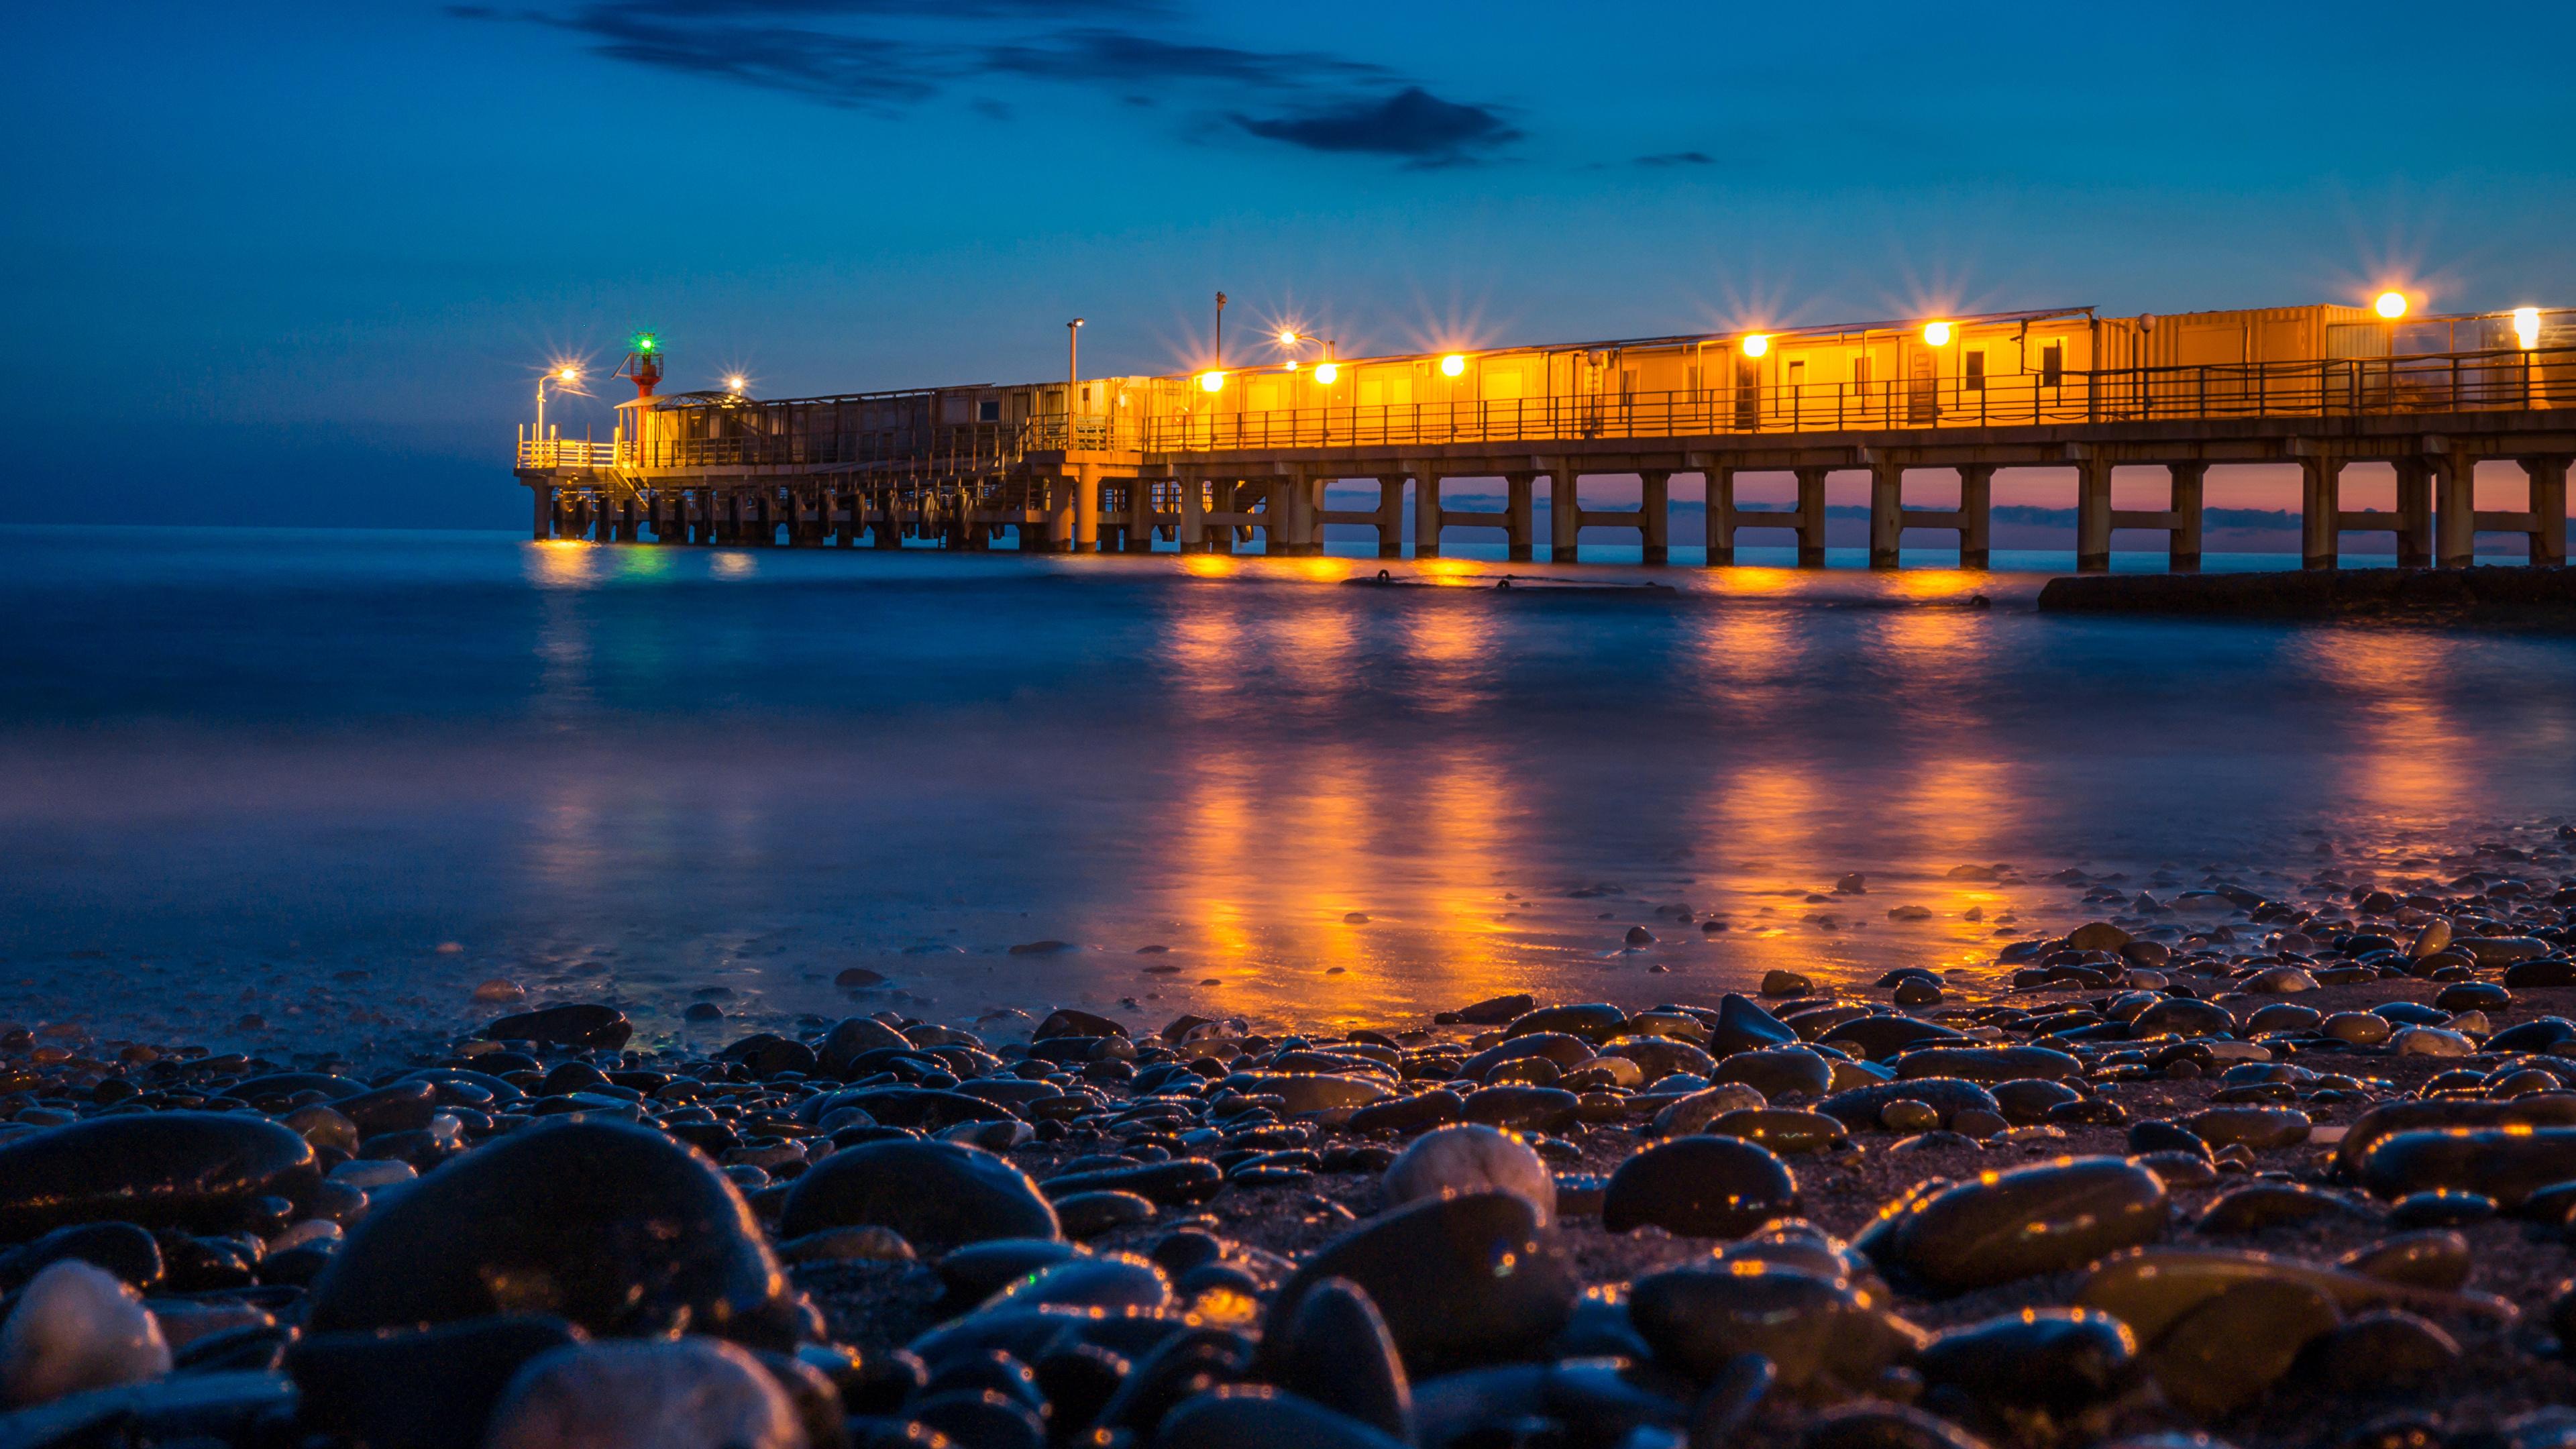 причал фонари берег море pier lights shore sea  № 2555091  скачать